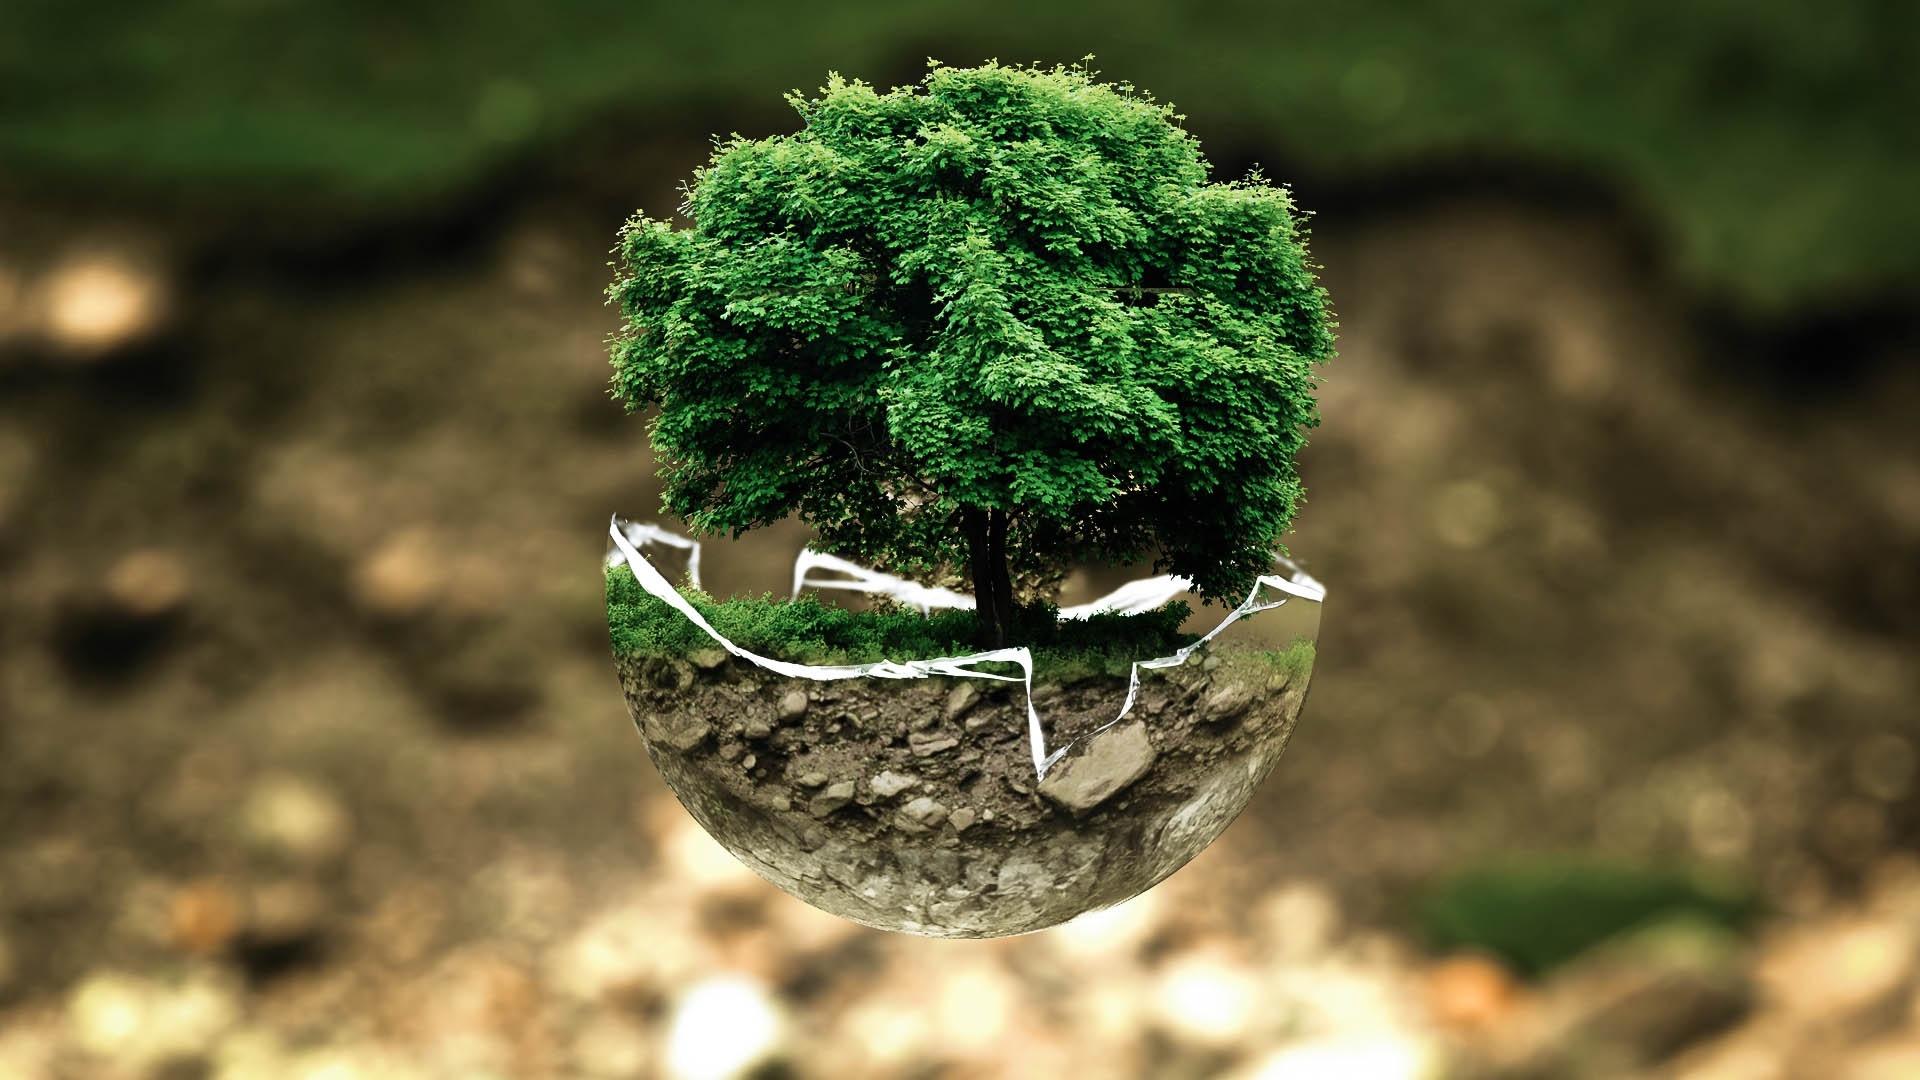 Baum wächst aus einer zerbrochenen Glasschale